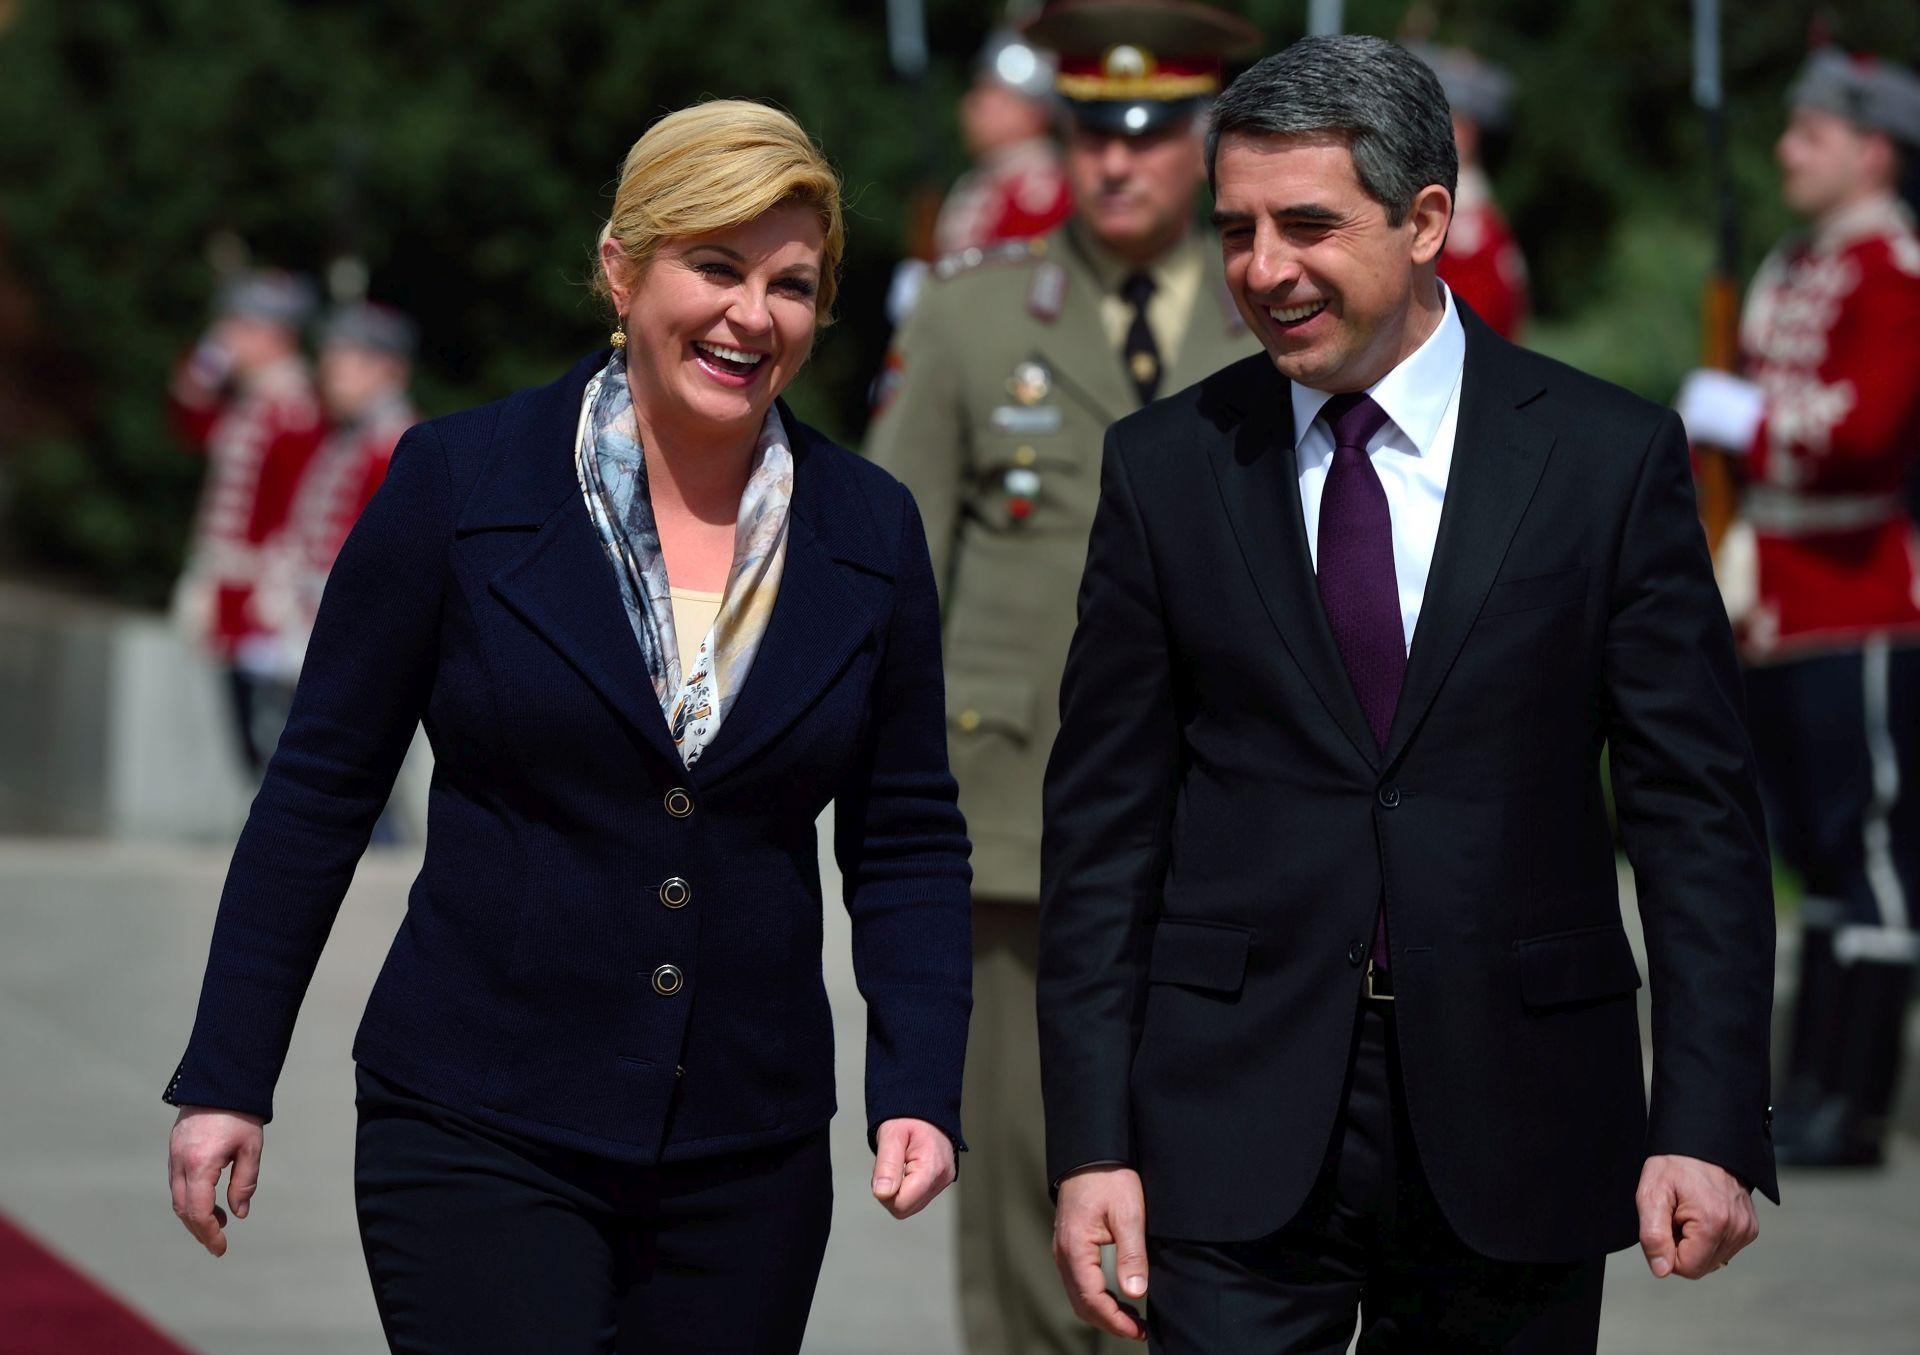 PREDSJEDNICA U BUGARSKOJ: Politički odnosi su dobri, gospodarsku suradnju treba unaprijediti